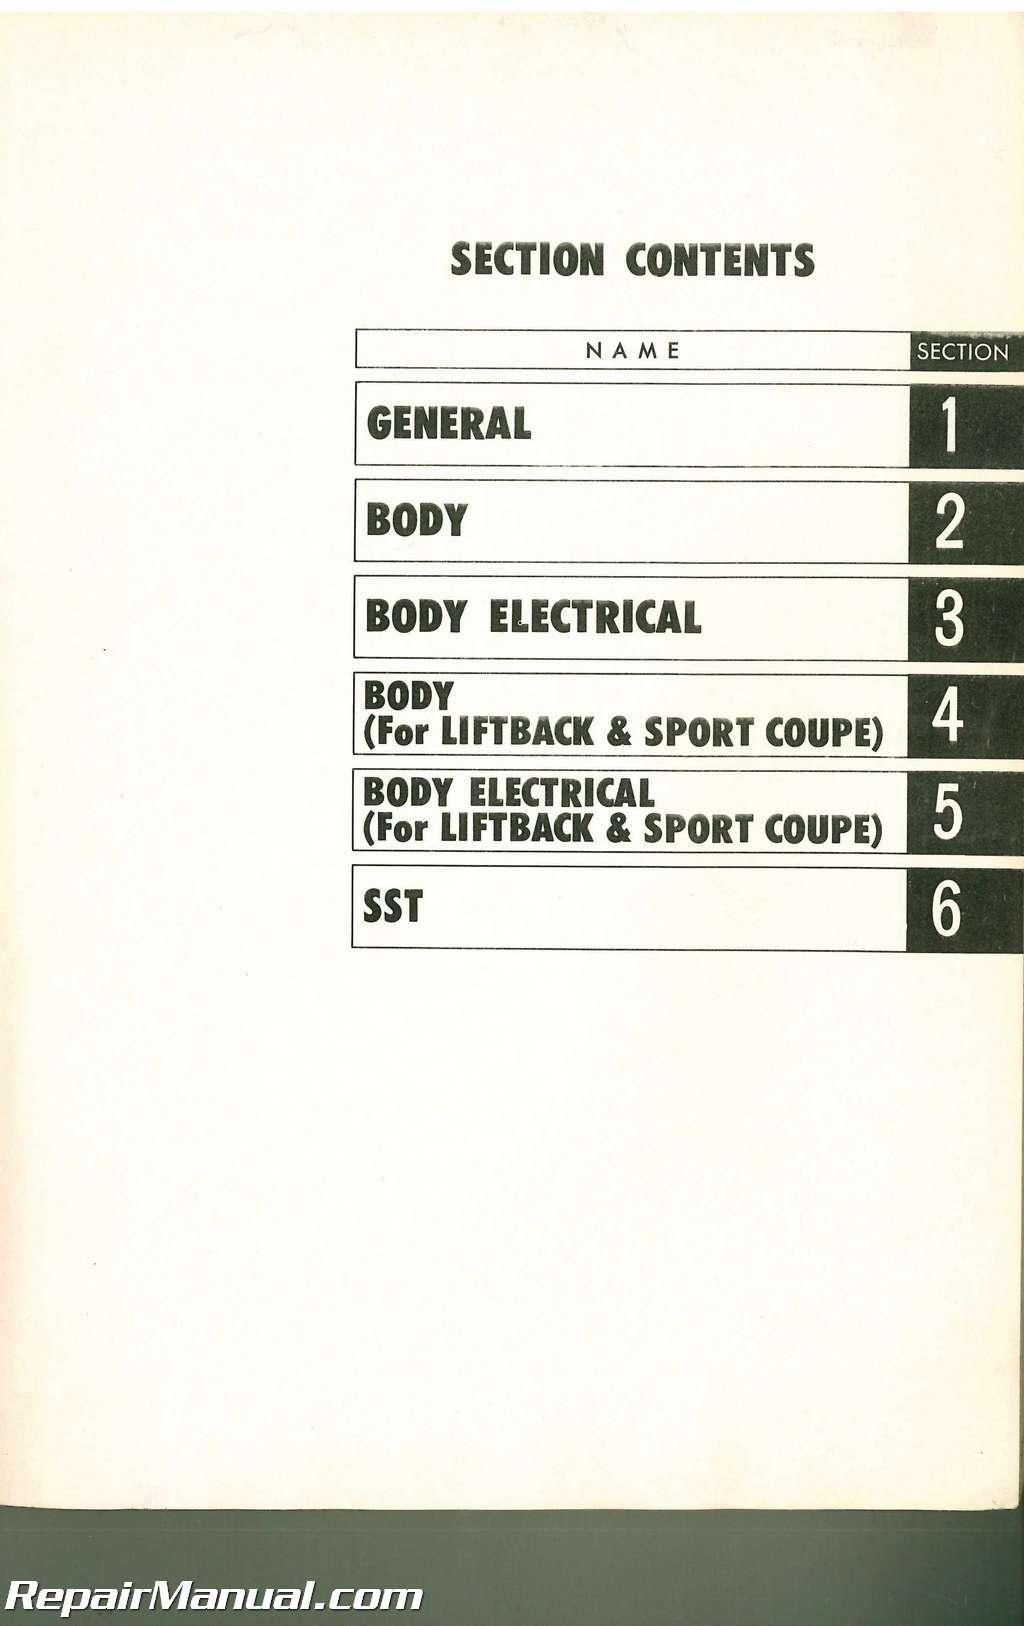 Toyota Corolla Body Repair Manual: Foreword